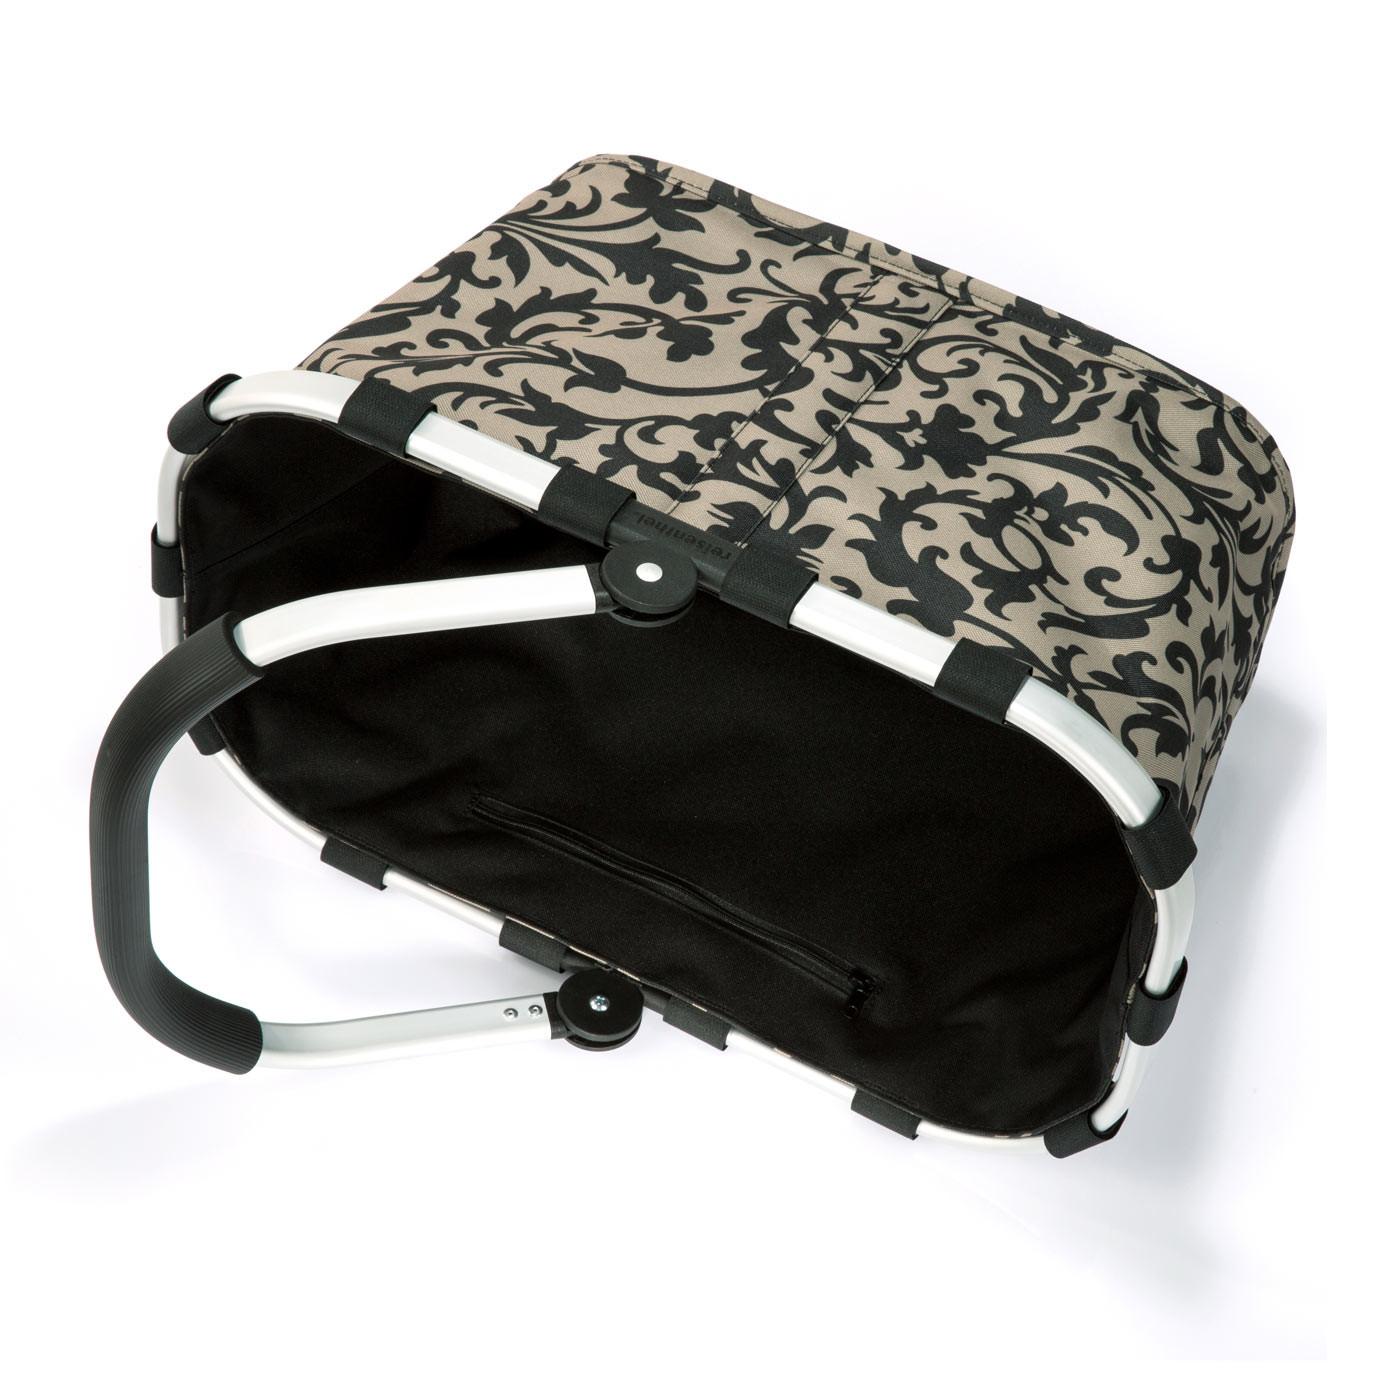 Reisenthel Carrybag 22 Liter - Allzweck Einkaufskorb baroque taupe